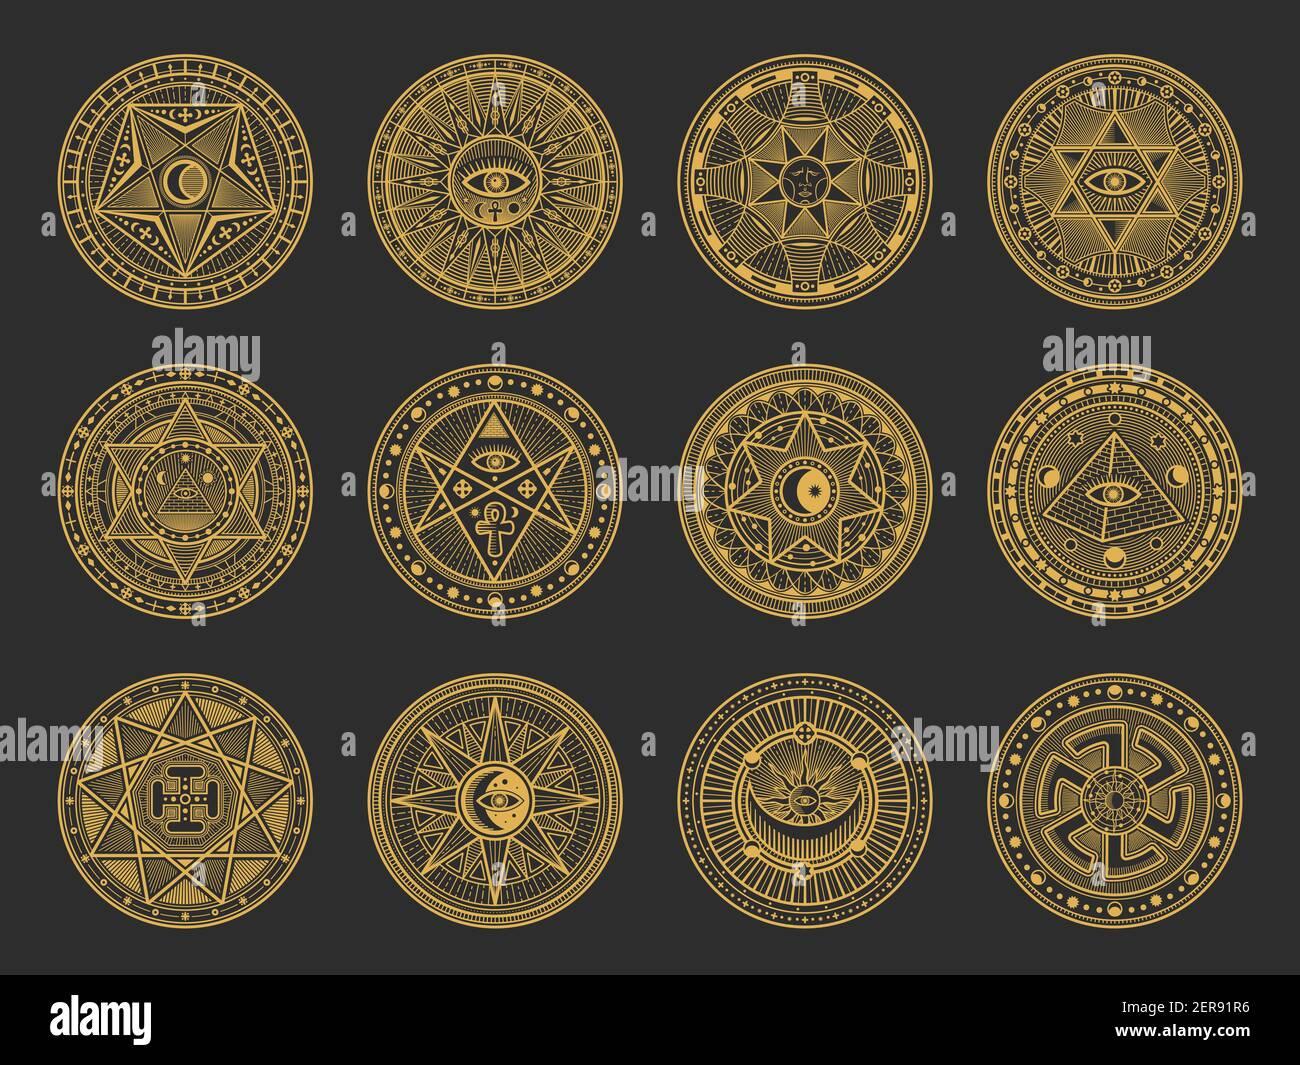 Símbolos mágicos con alquimia vectorial y ciencia oculta, religión esotérica y signos místicos de la astrología. Círculos de oro con Sol, Luna y ojo espiritual, tri Ilustración del Vector